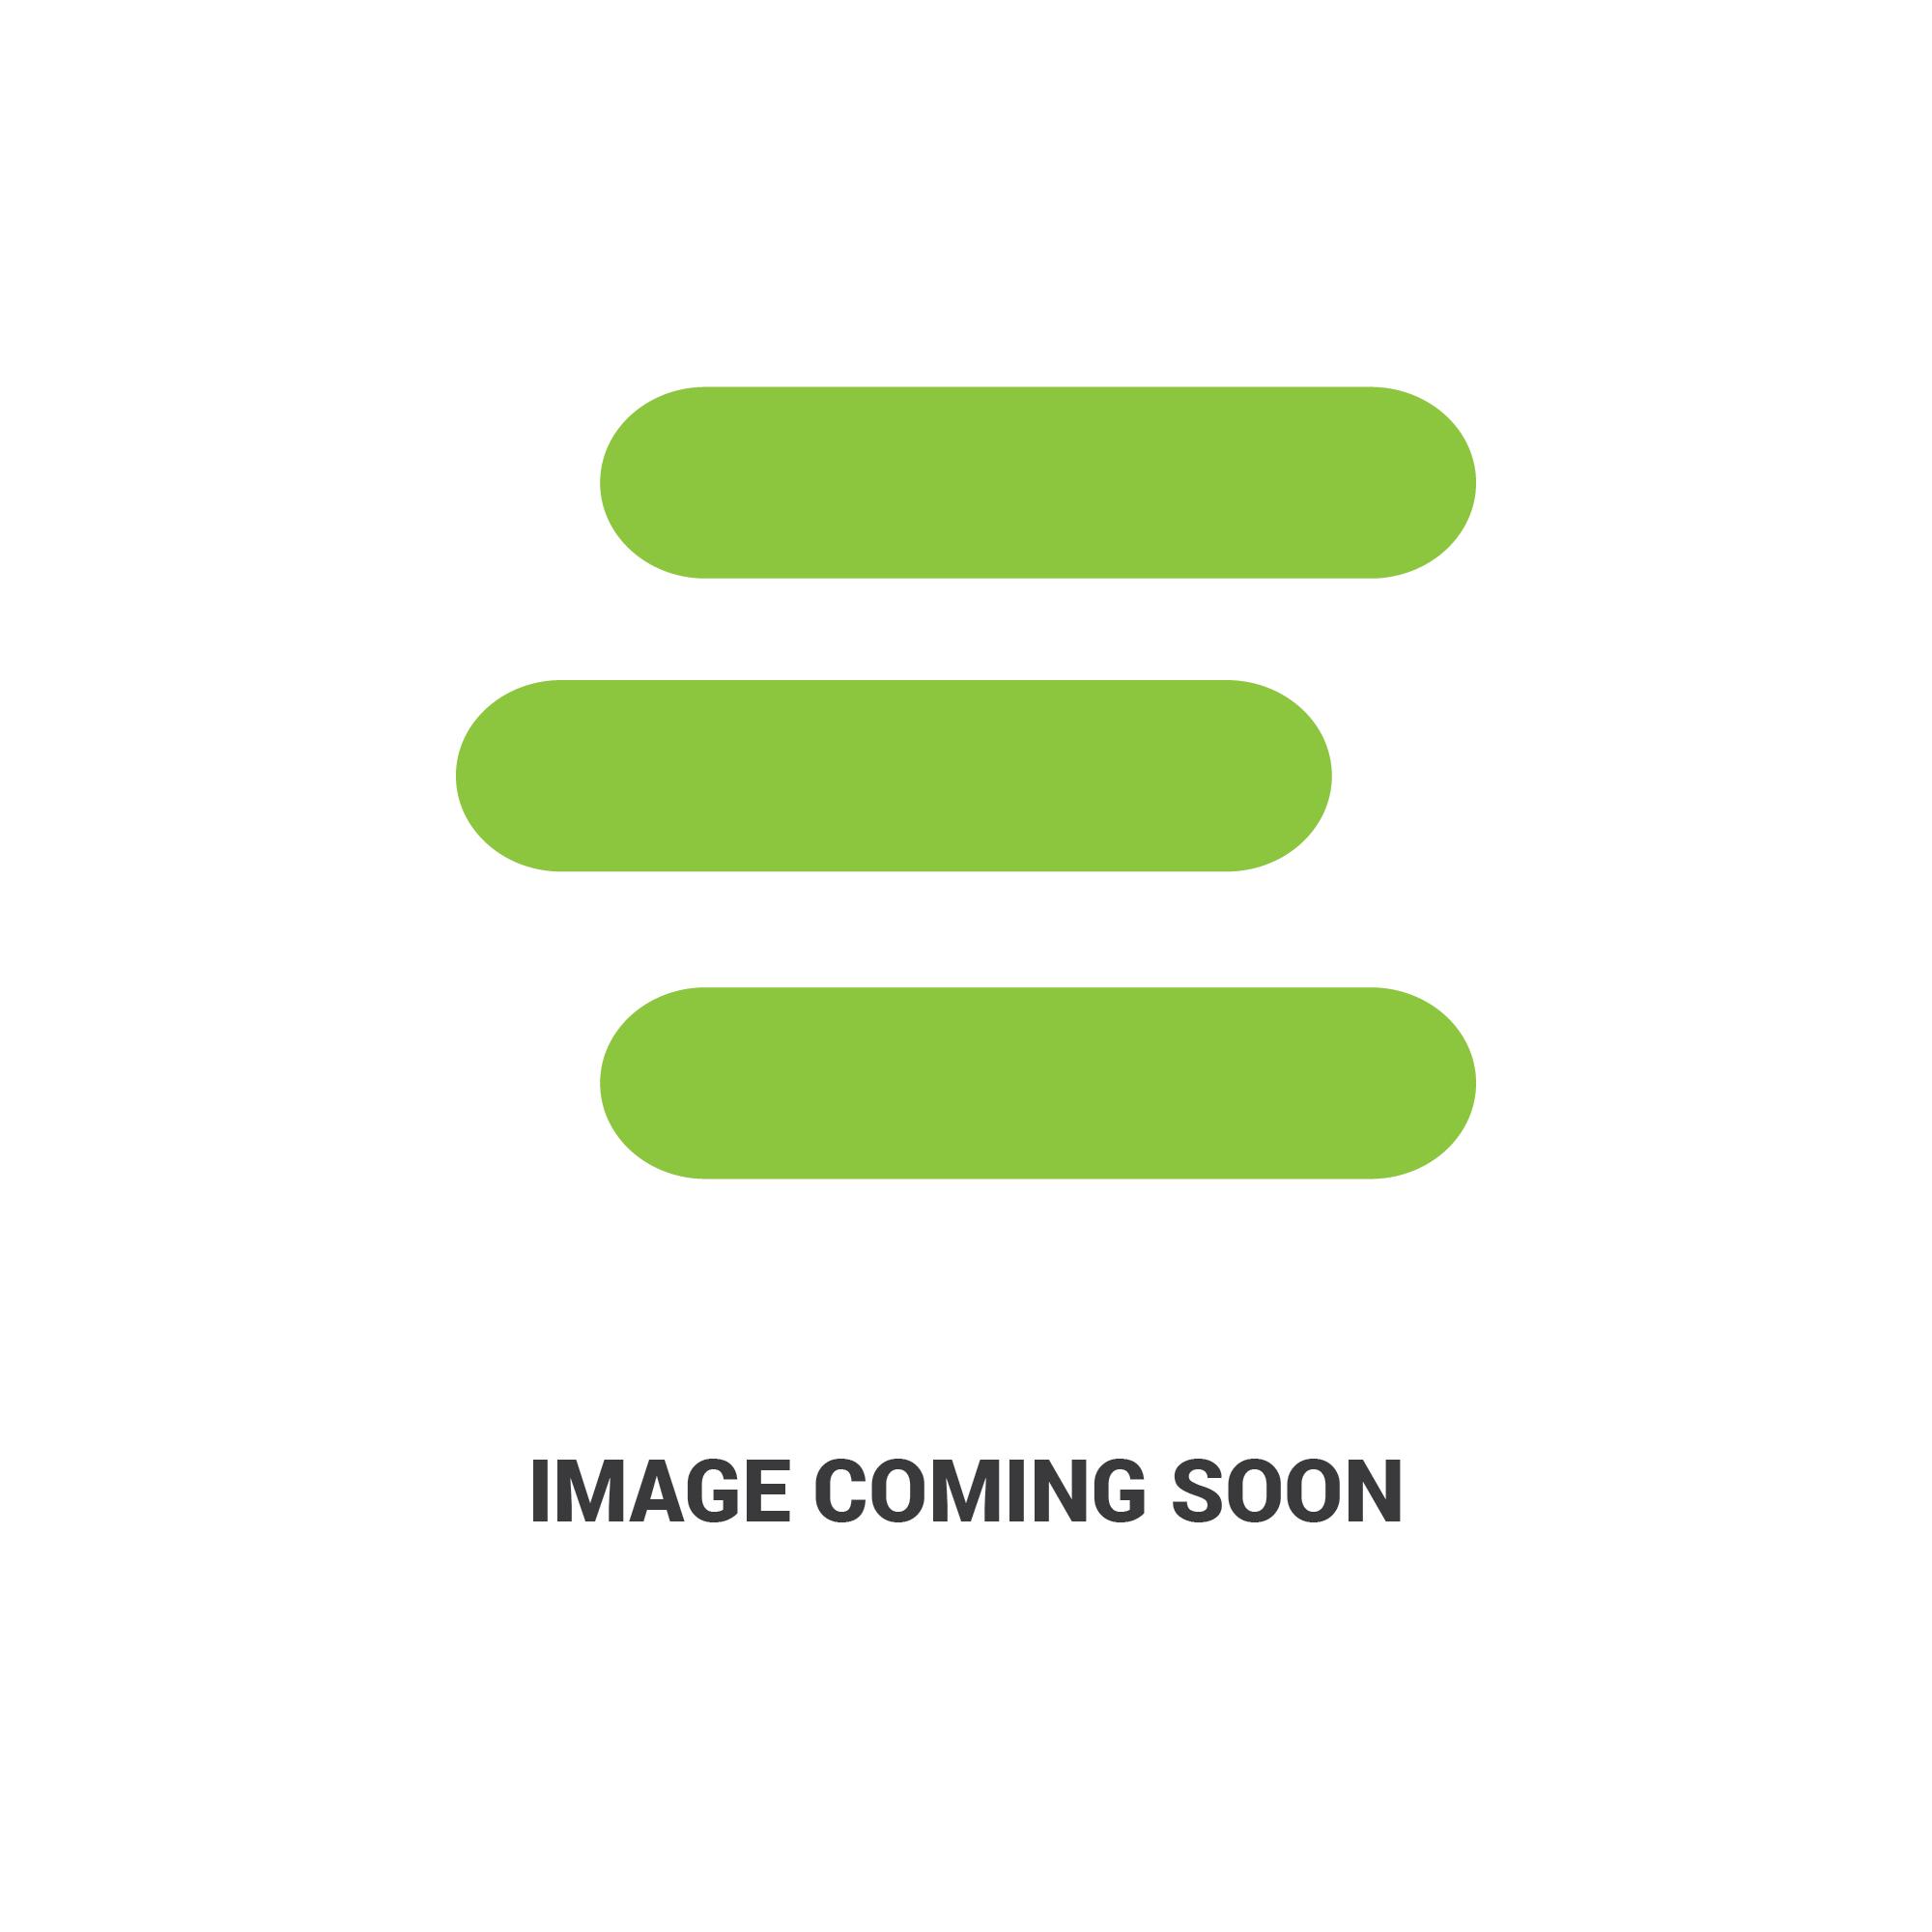 E-1975466C1edit 2.jpg